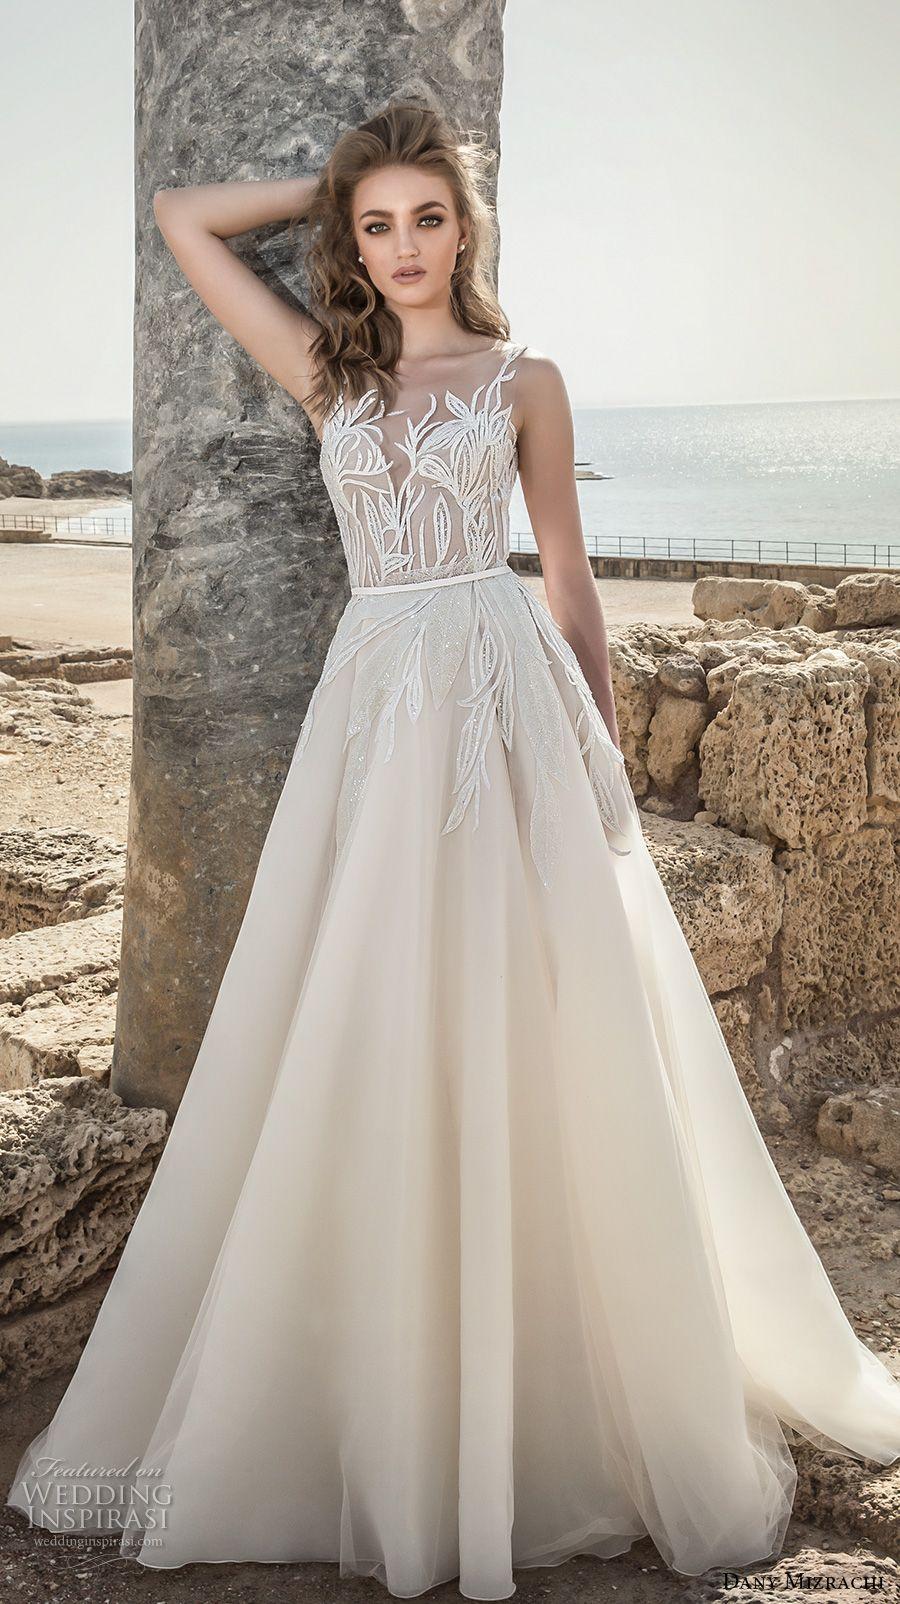 Dany Mizrachi 2018 Wedding Dresses   Hochzeitskleider, Sommer ...